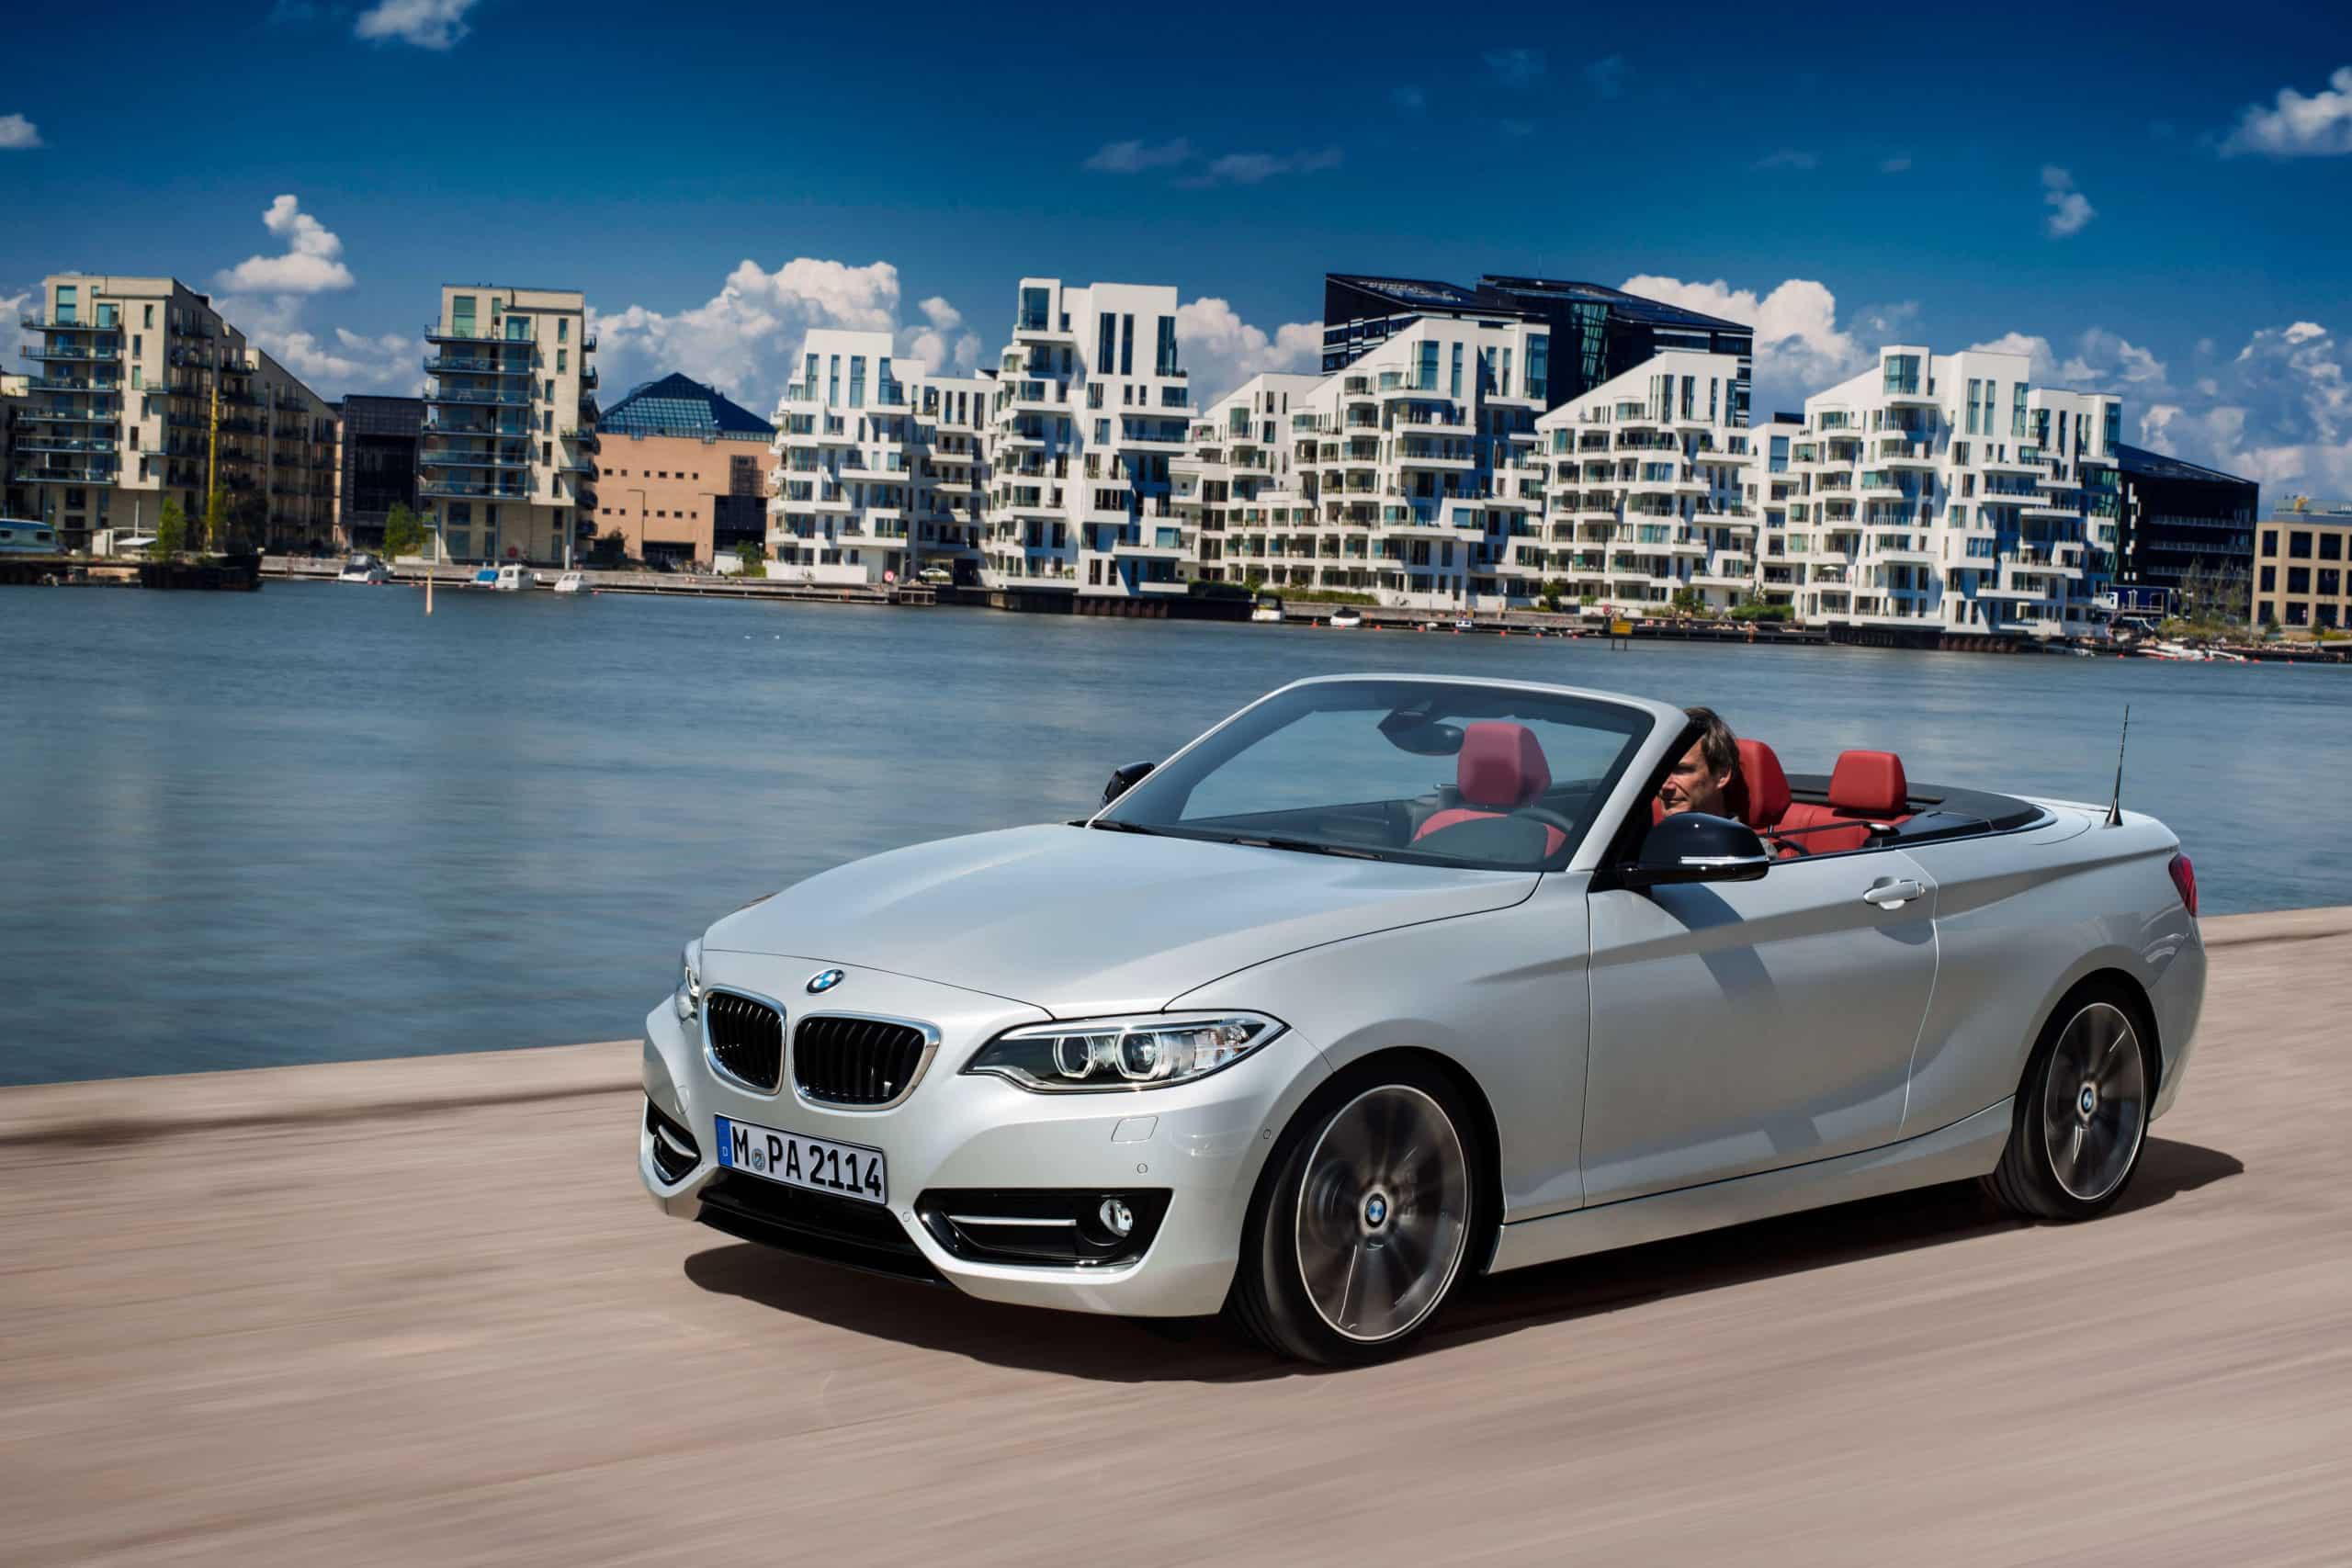 BMW 2er Cabriolet